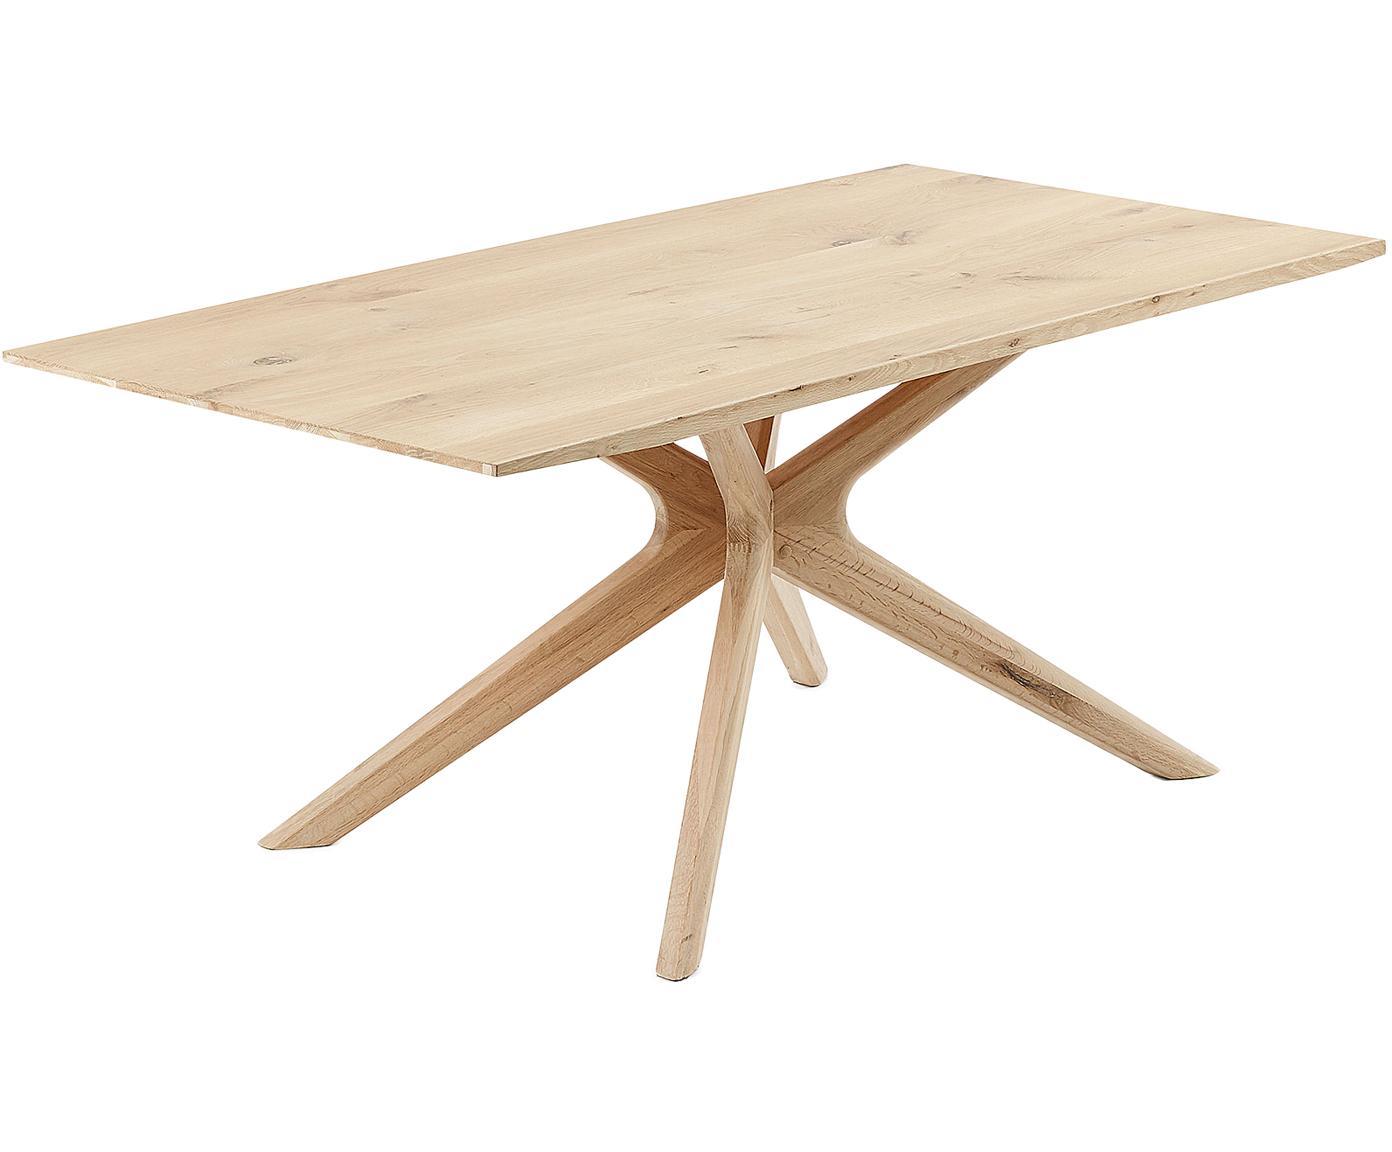 Stół do jadalni z drewna dębowego Armande, Drewno dębowe, Drewno dębowe, S 180 x G 90 cm